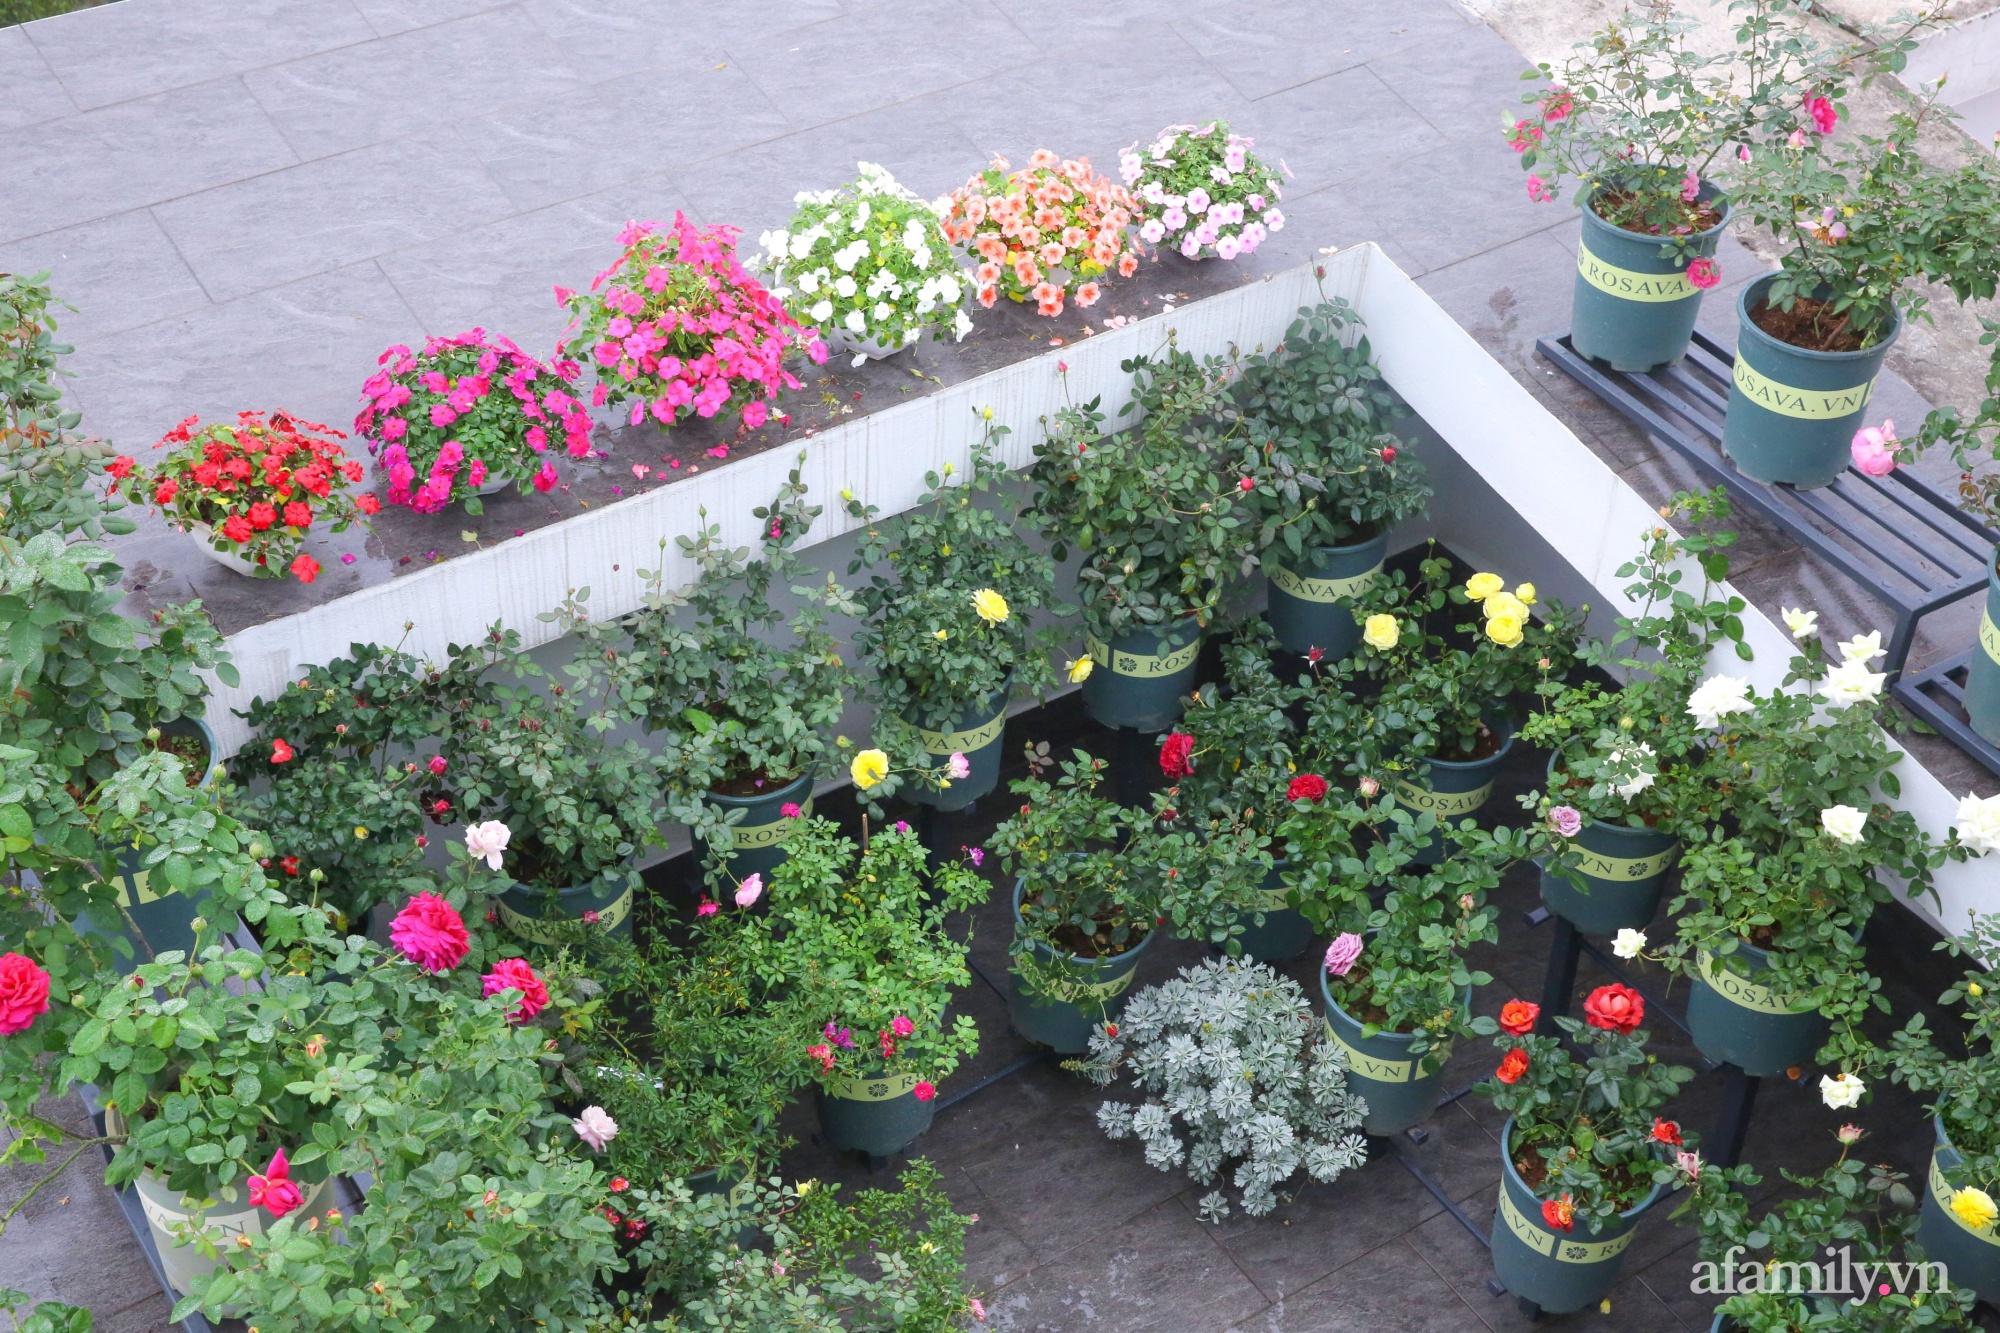 Kinh nghiệm trồng dạ yến thảo nở rực rỡ đủ sắc màu phủ kín mặt tiền nhà phố Hà Nội - Ảnh 13.